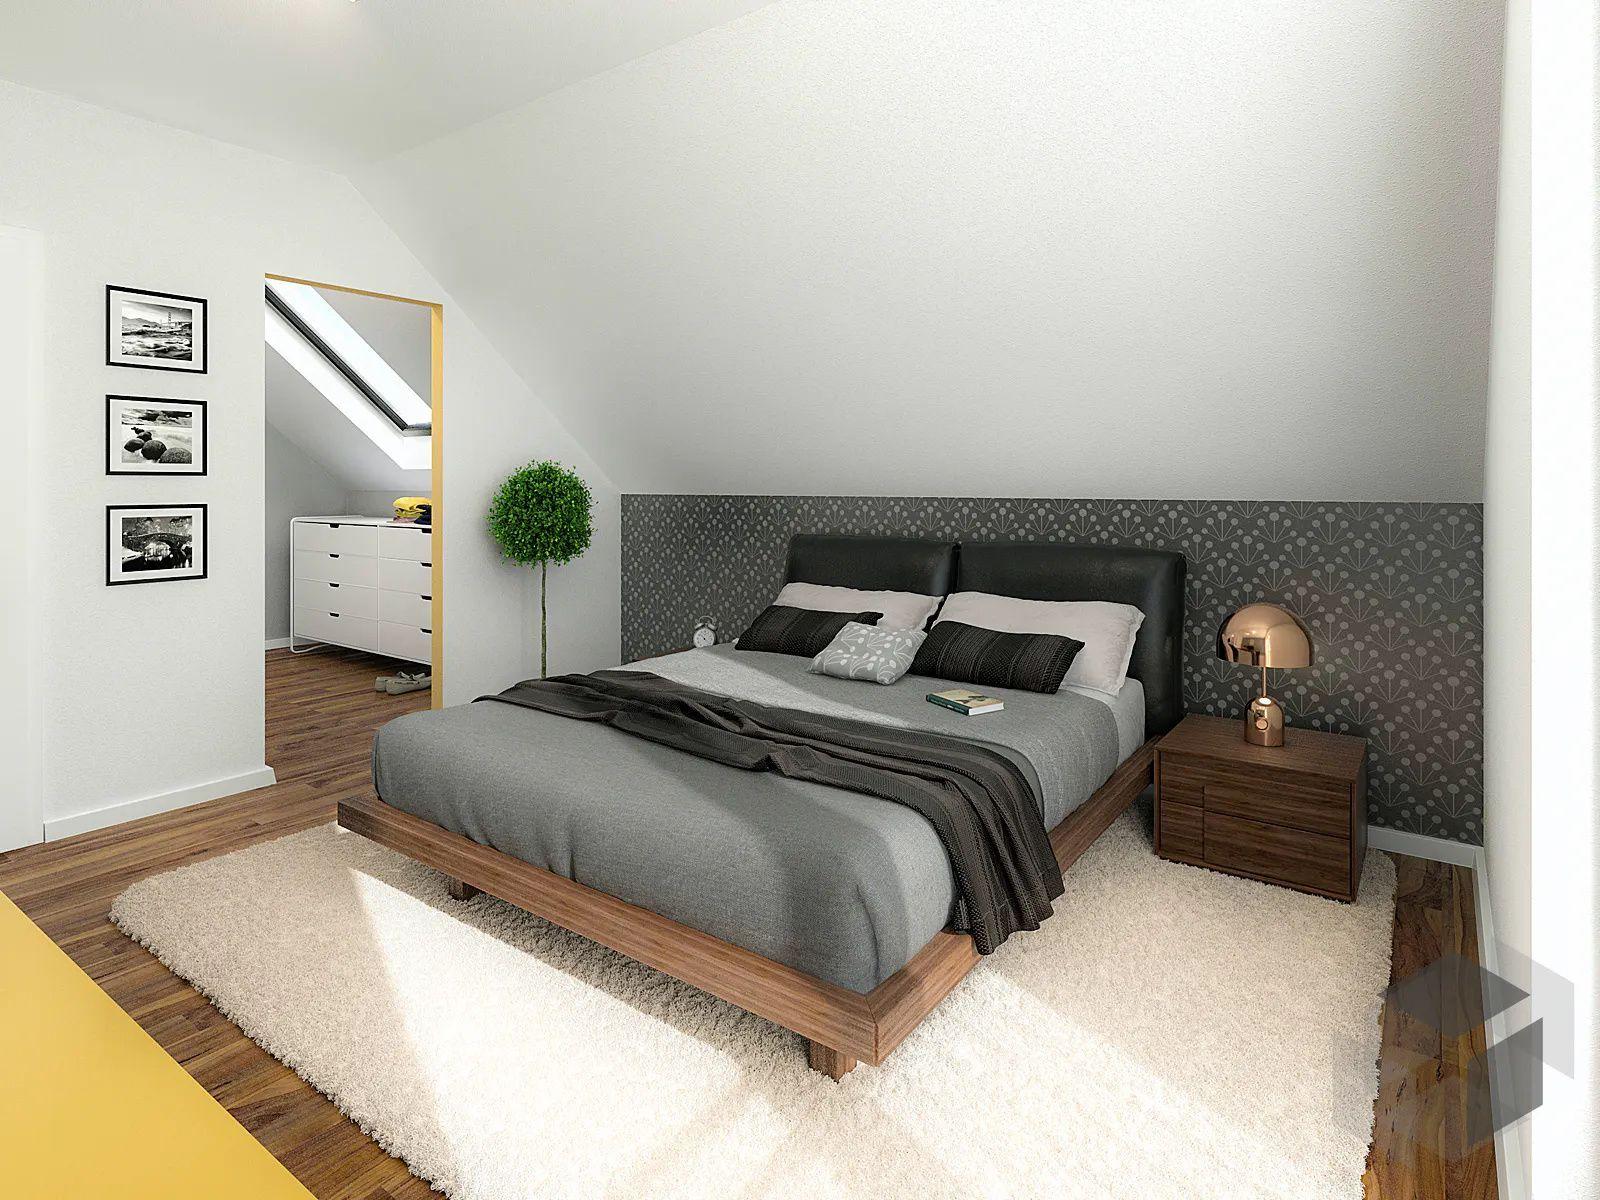 Gemütliches Schlafzimmer   Schlafzimmer dachschräge, Zimmer mit dachschräge einrichten ...